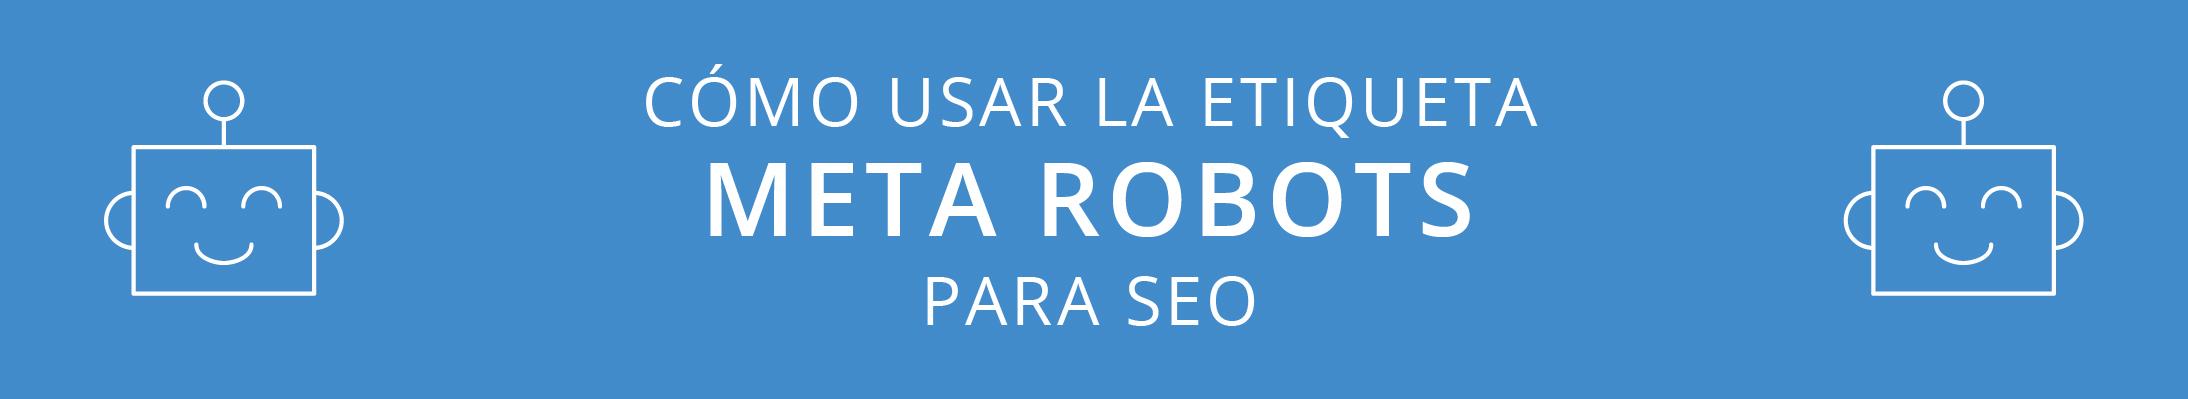 Cómo usar la etiqueta Meta Robots en SEO